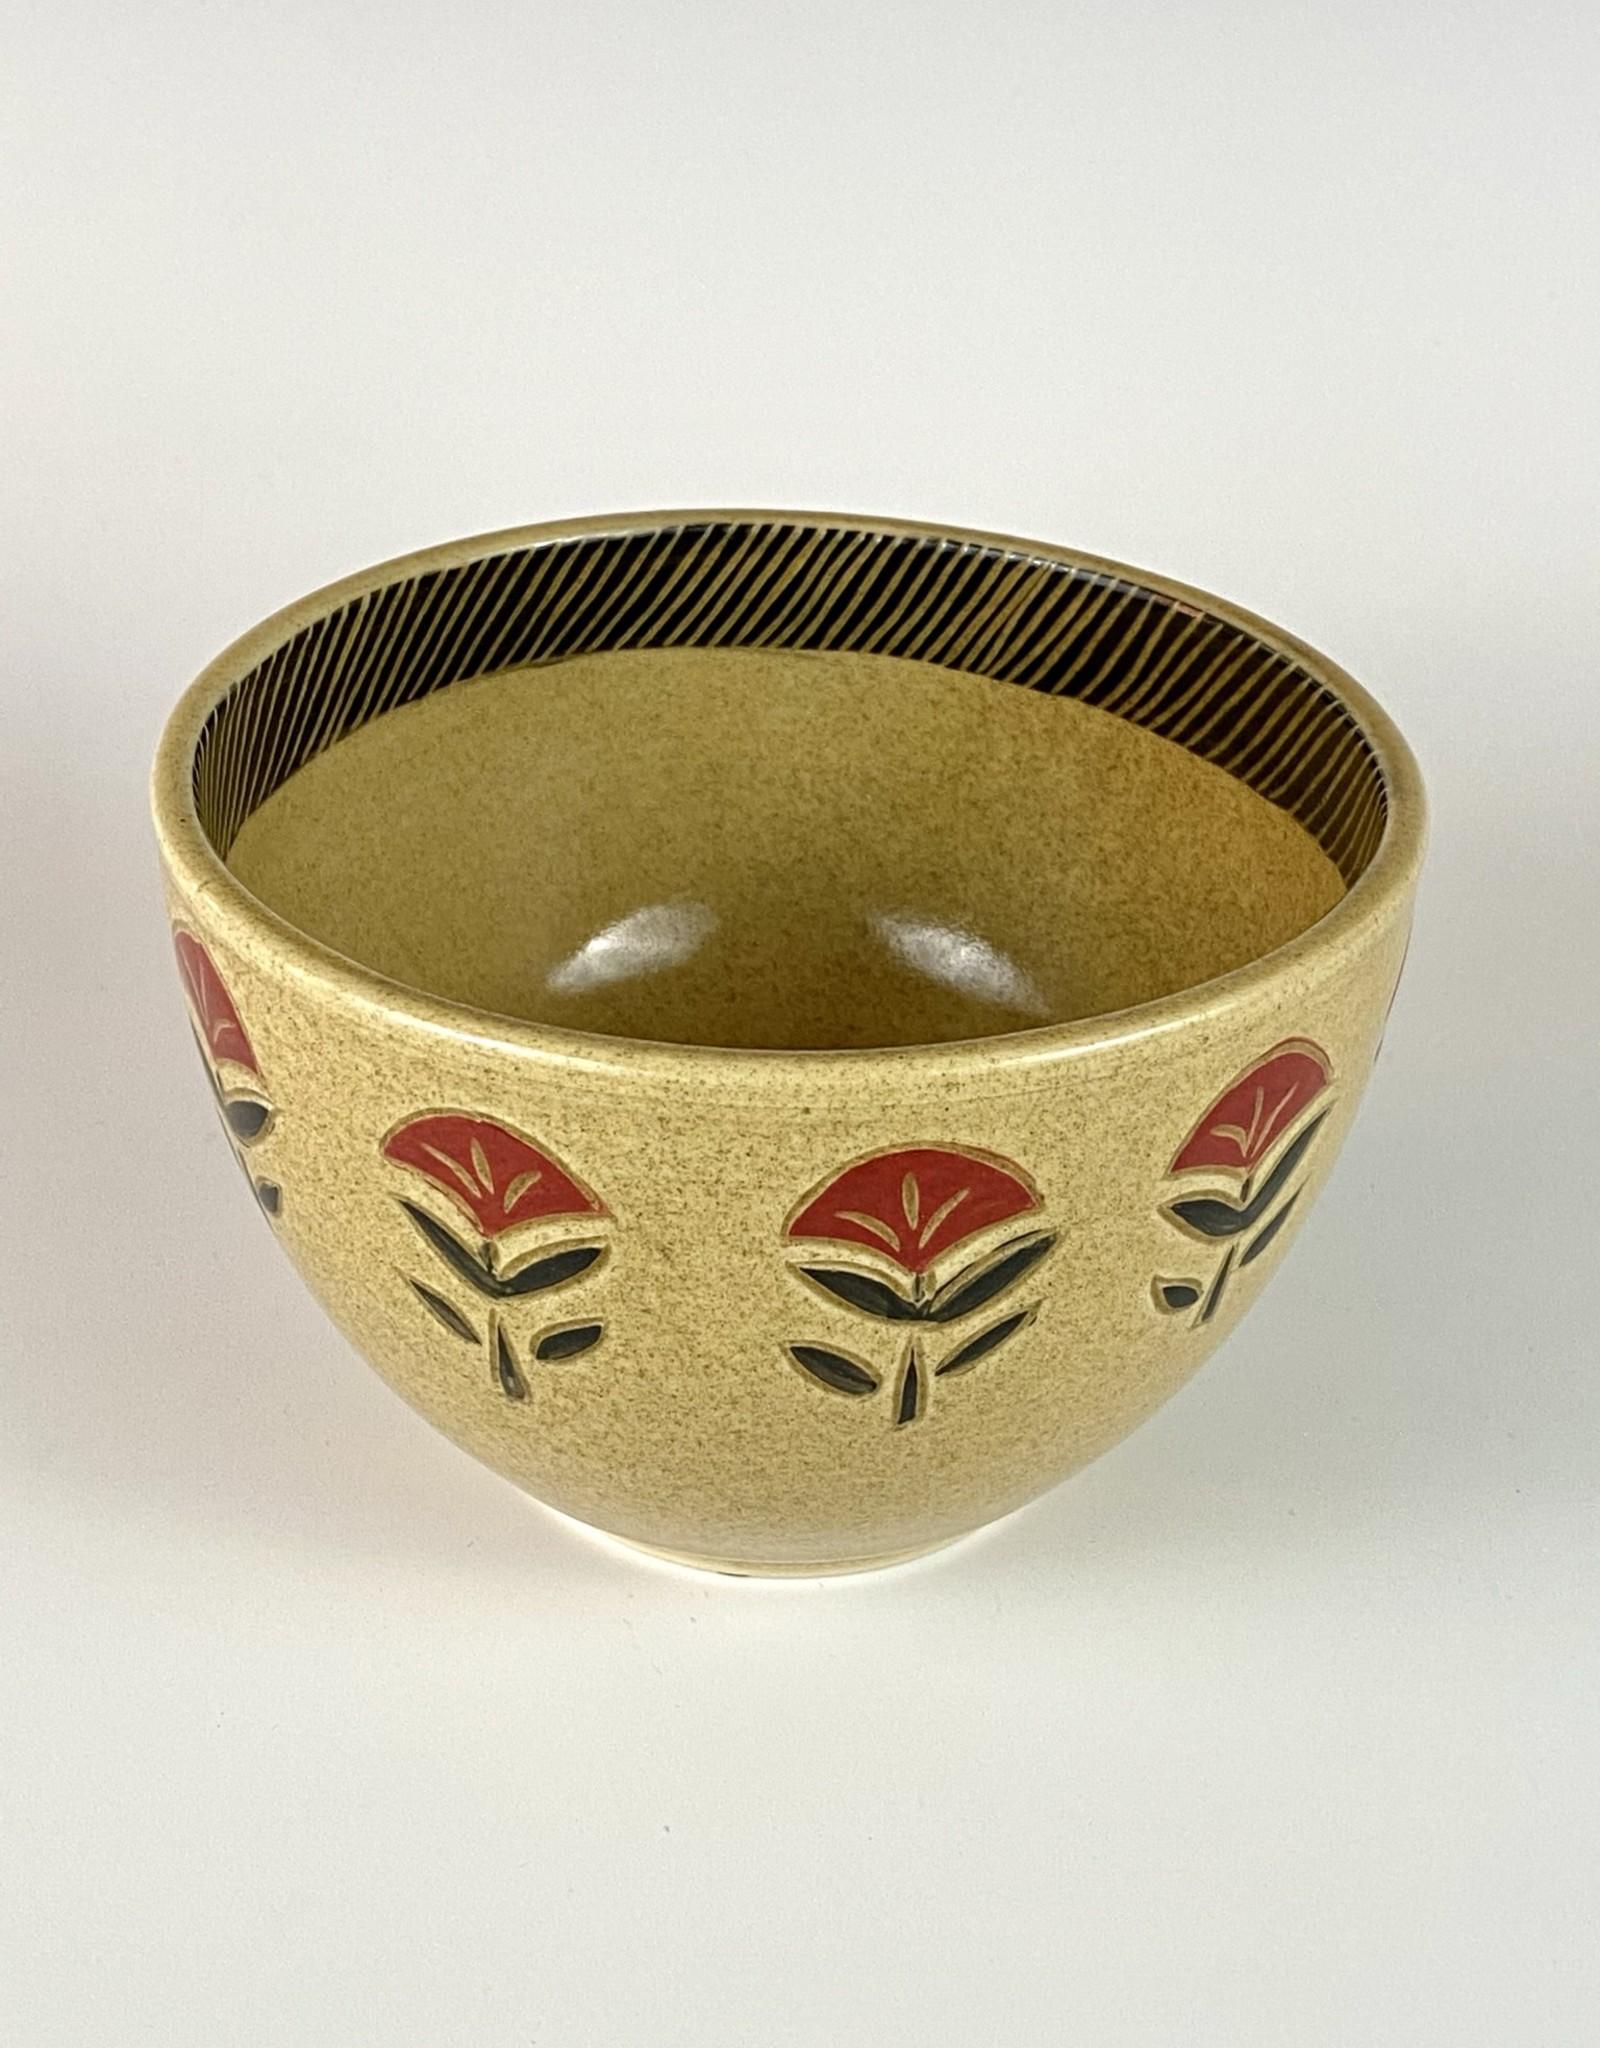 Anshula Tayal Amaati small sanganeri bowl